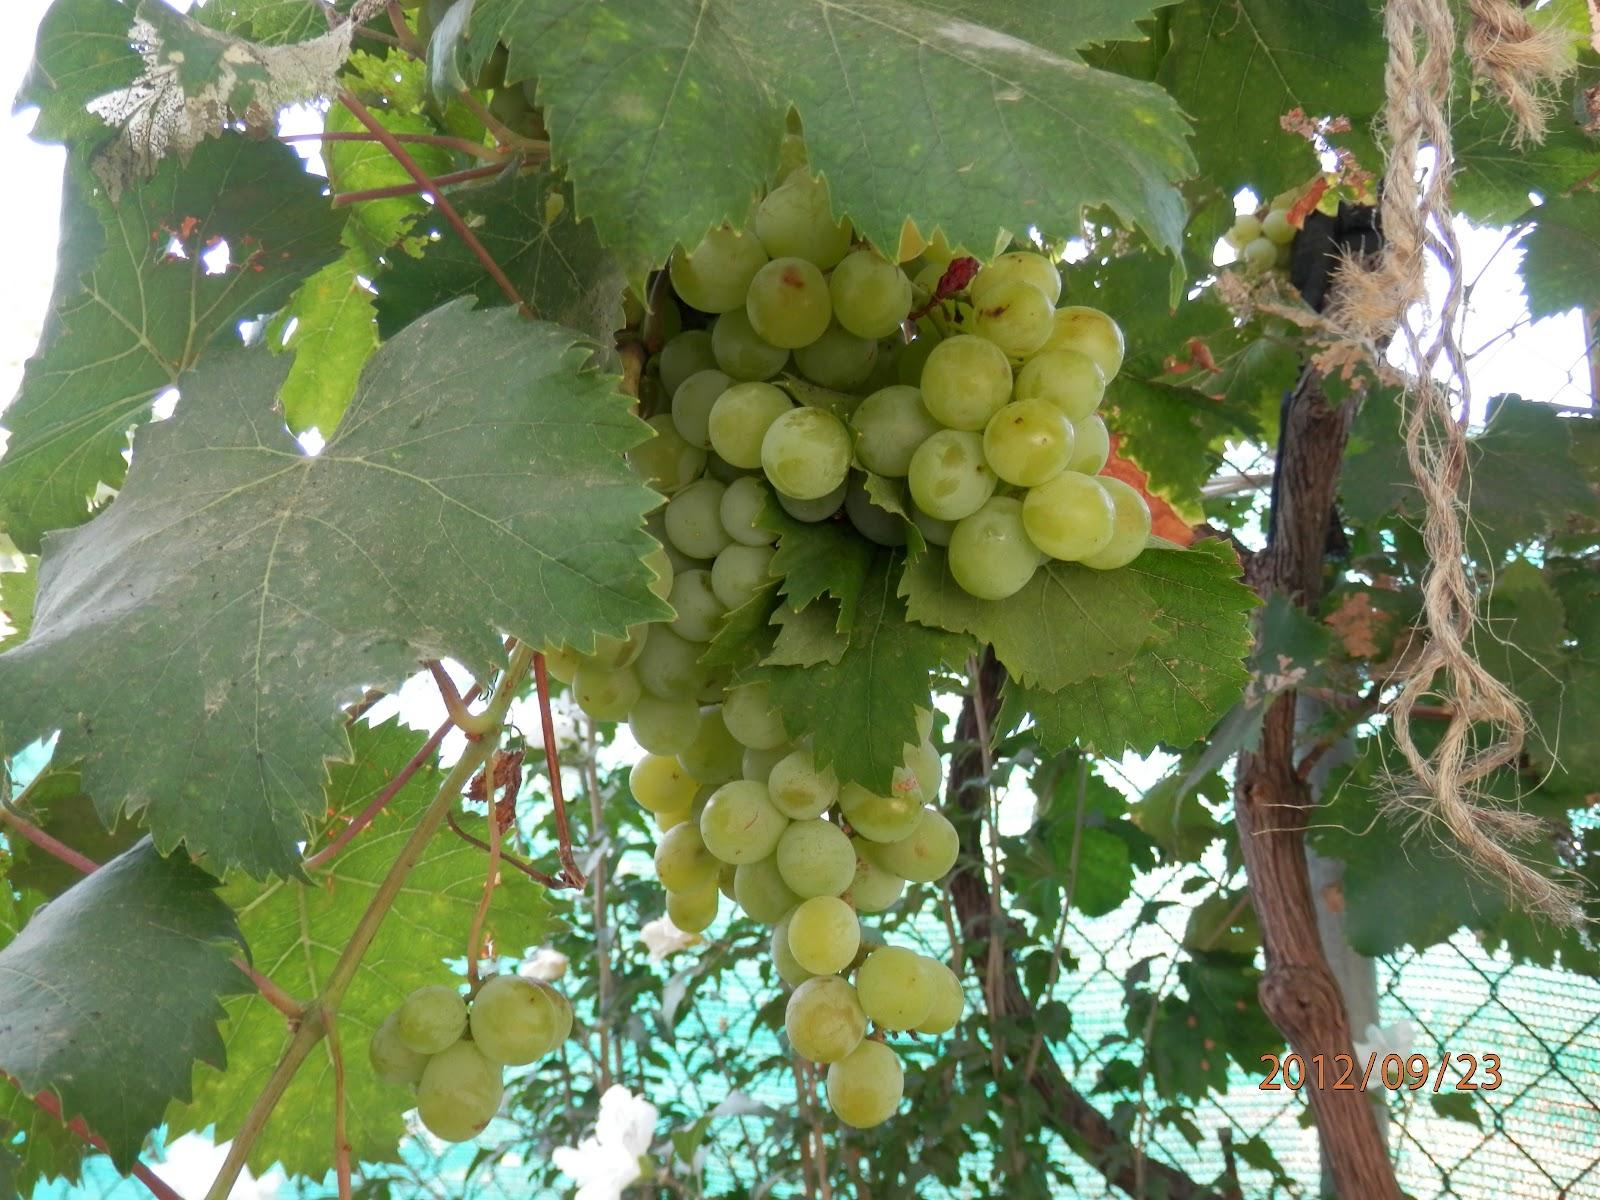 La huerta bricoecologica arboles frutales for Cuando se podan los arboles frutales